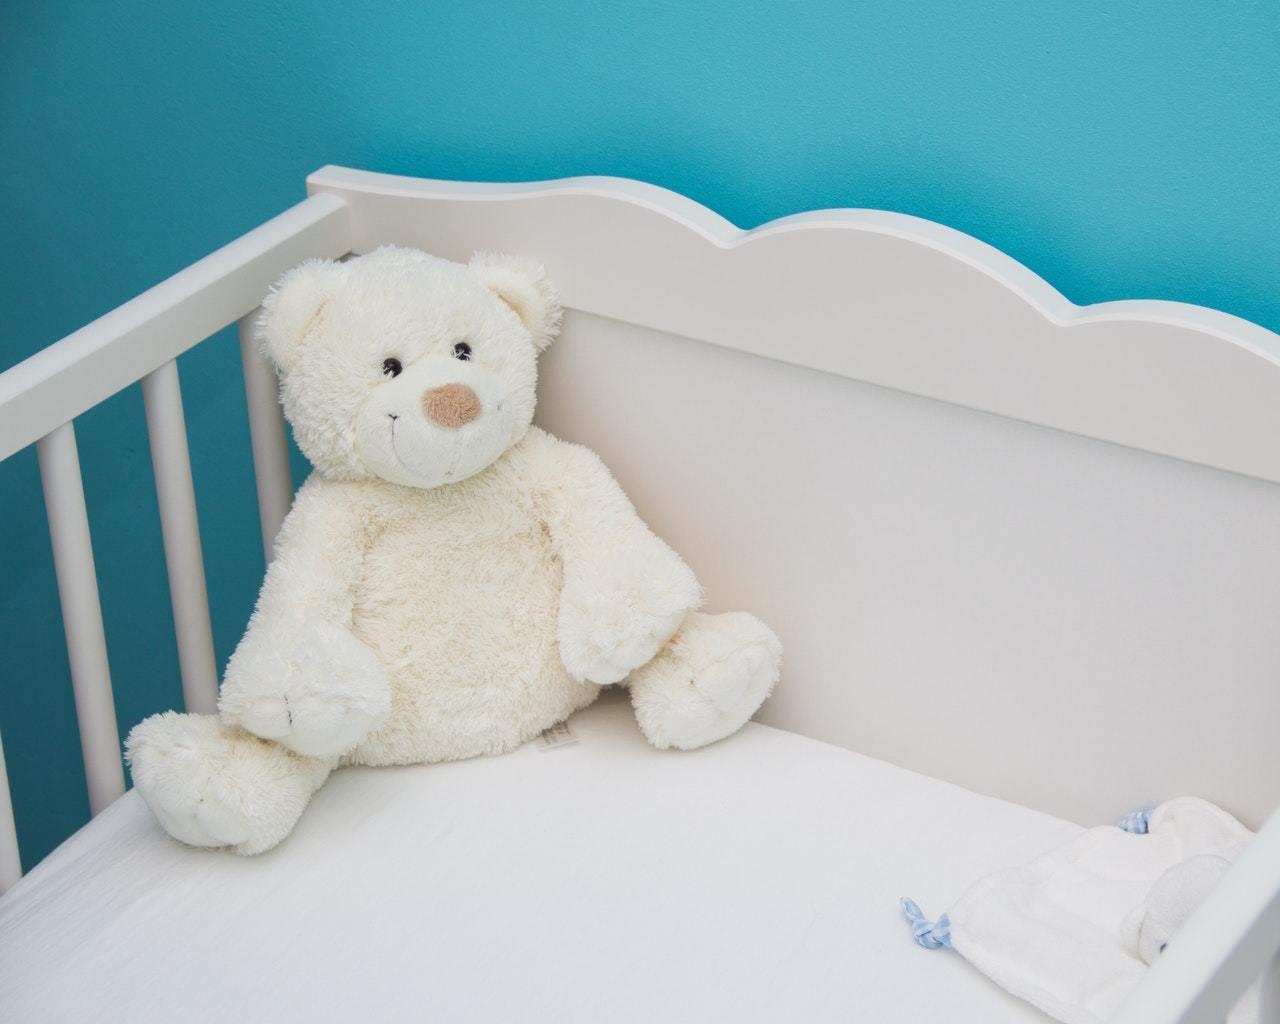 孩子不肯睡覺 2-4歲兒童情緒管理教學案例【孩童健康成長篇】 Kama Delivery到會外賣速遞服務